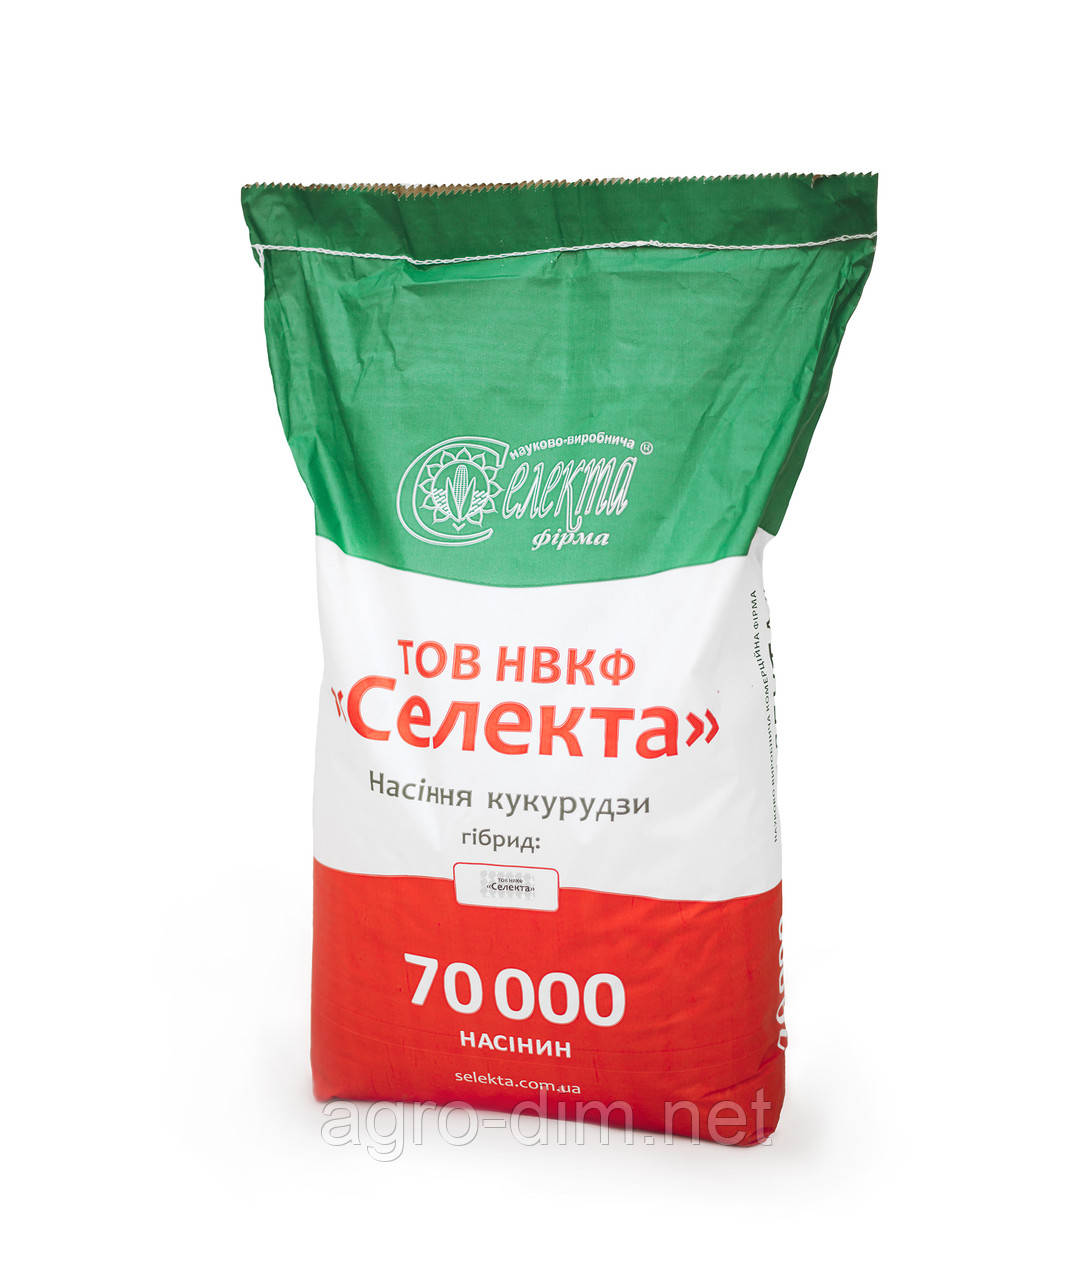 """Семена кукурузы Легенда ТОВ НФКФ """"Селекта"""""""